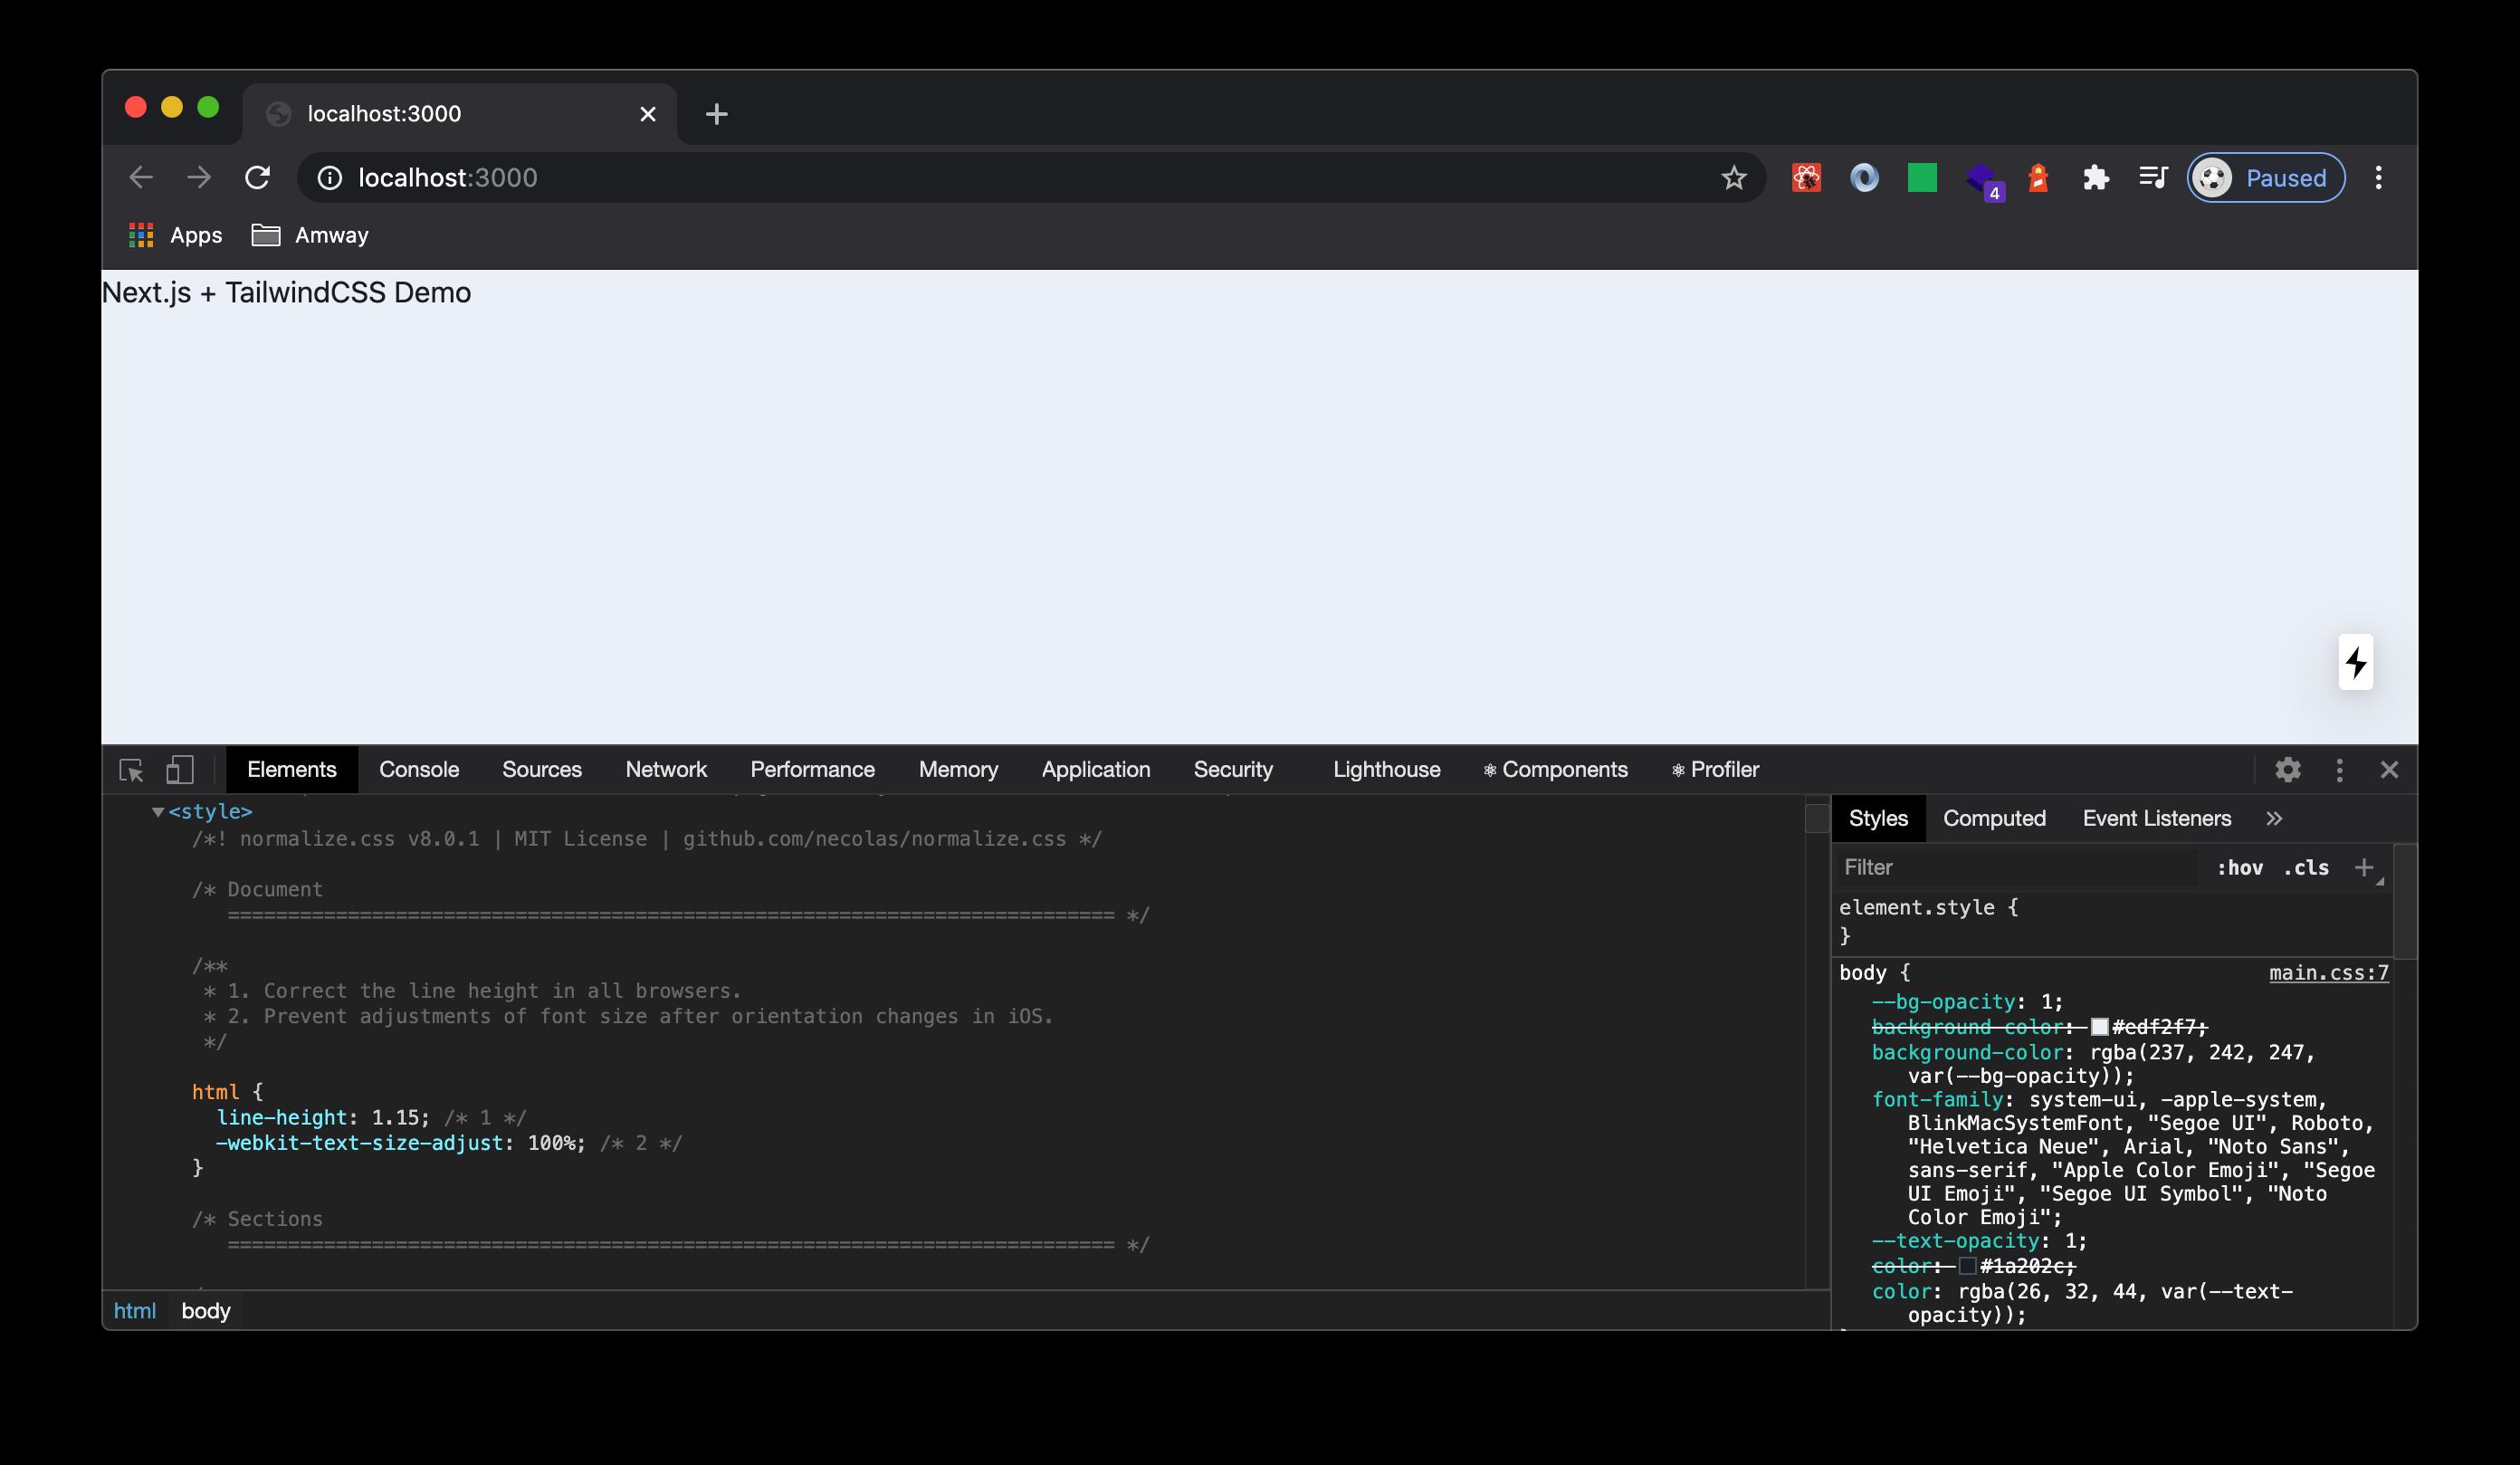 Screenshot 2020-10-08 at 16.42.24